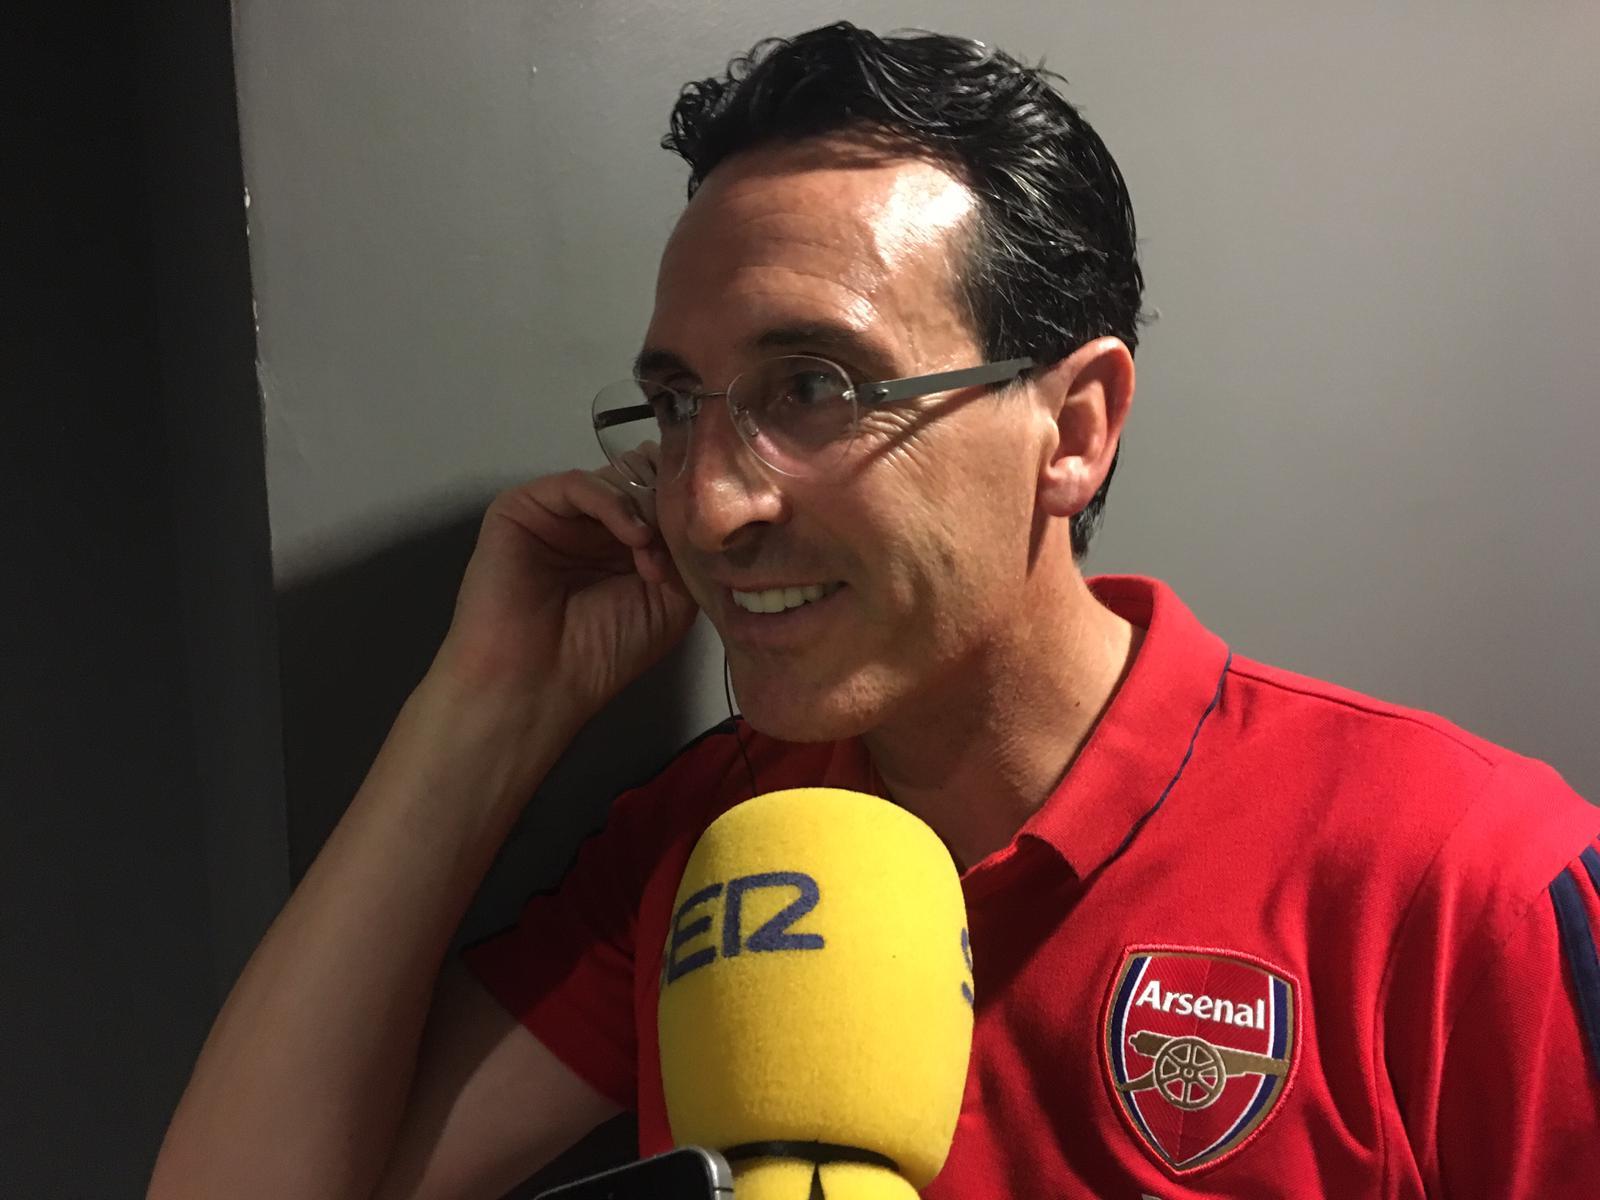 埃梅里:阿森纳真的没考虑过引进库蒂尼奥